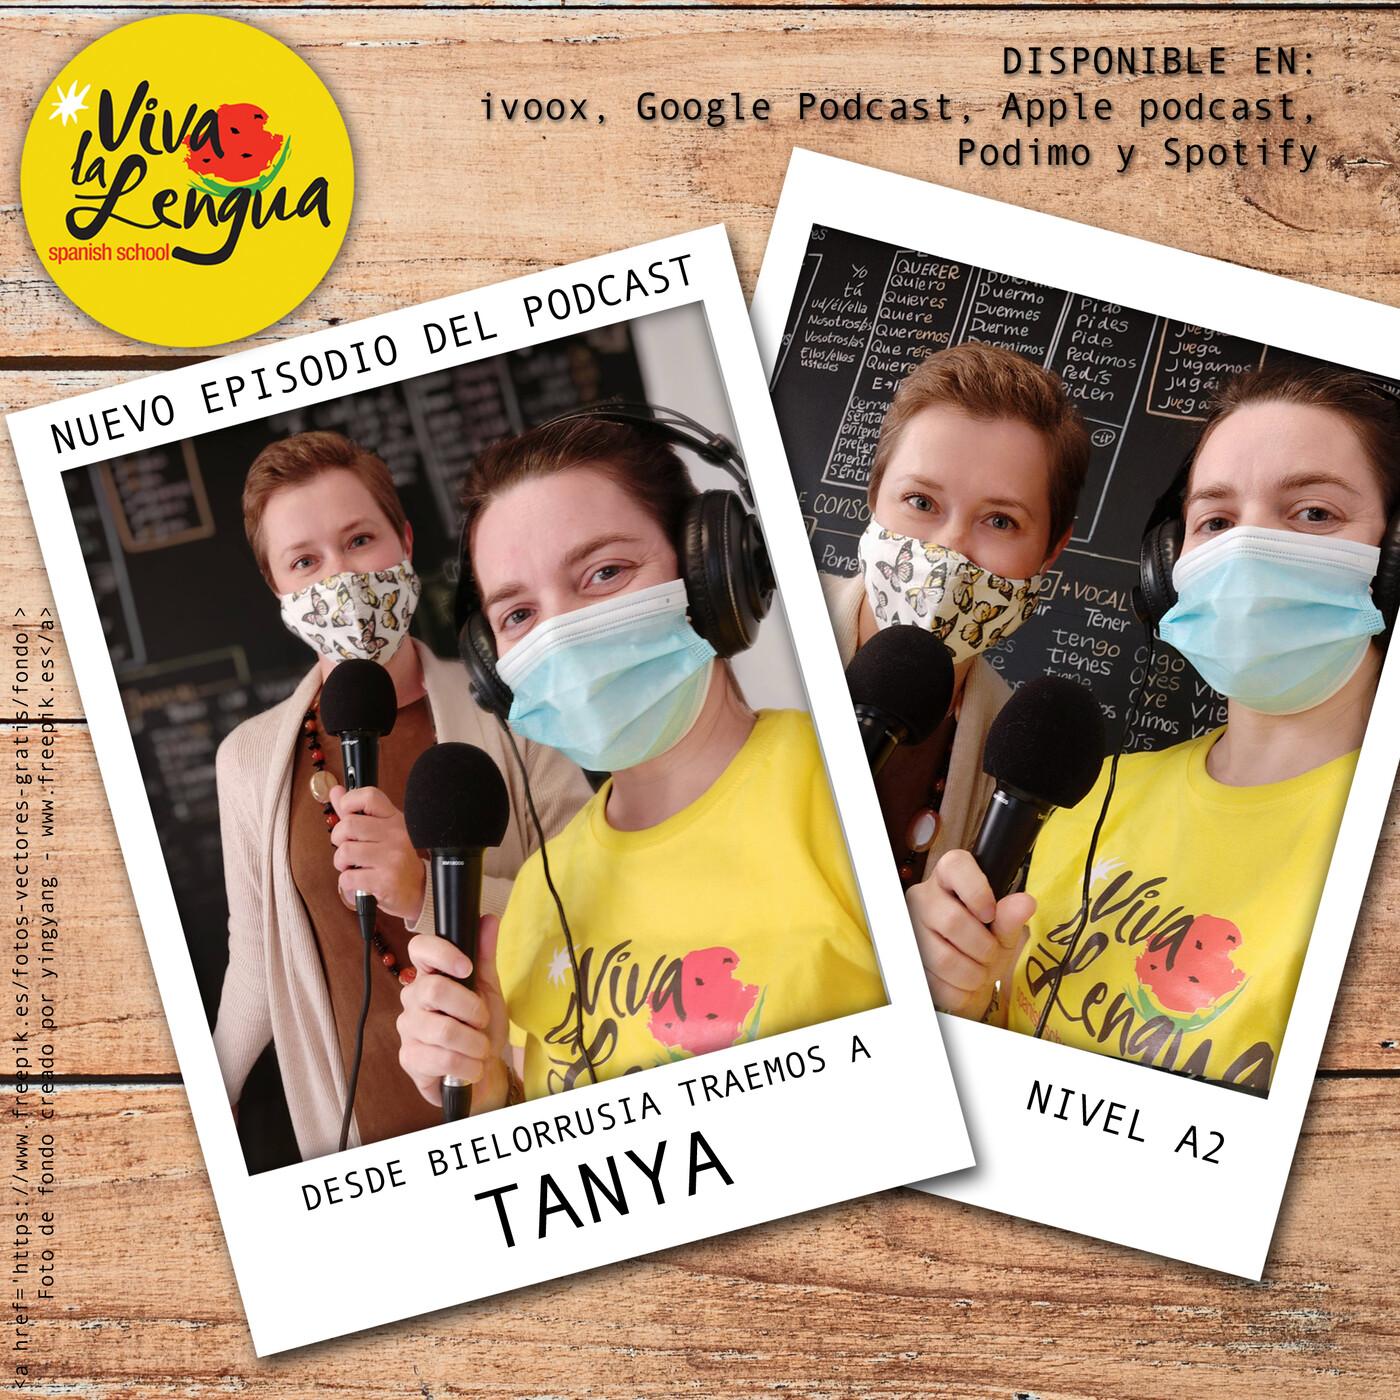 Viva la Lengua 12 - Desde Bielorrusia con Tanya